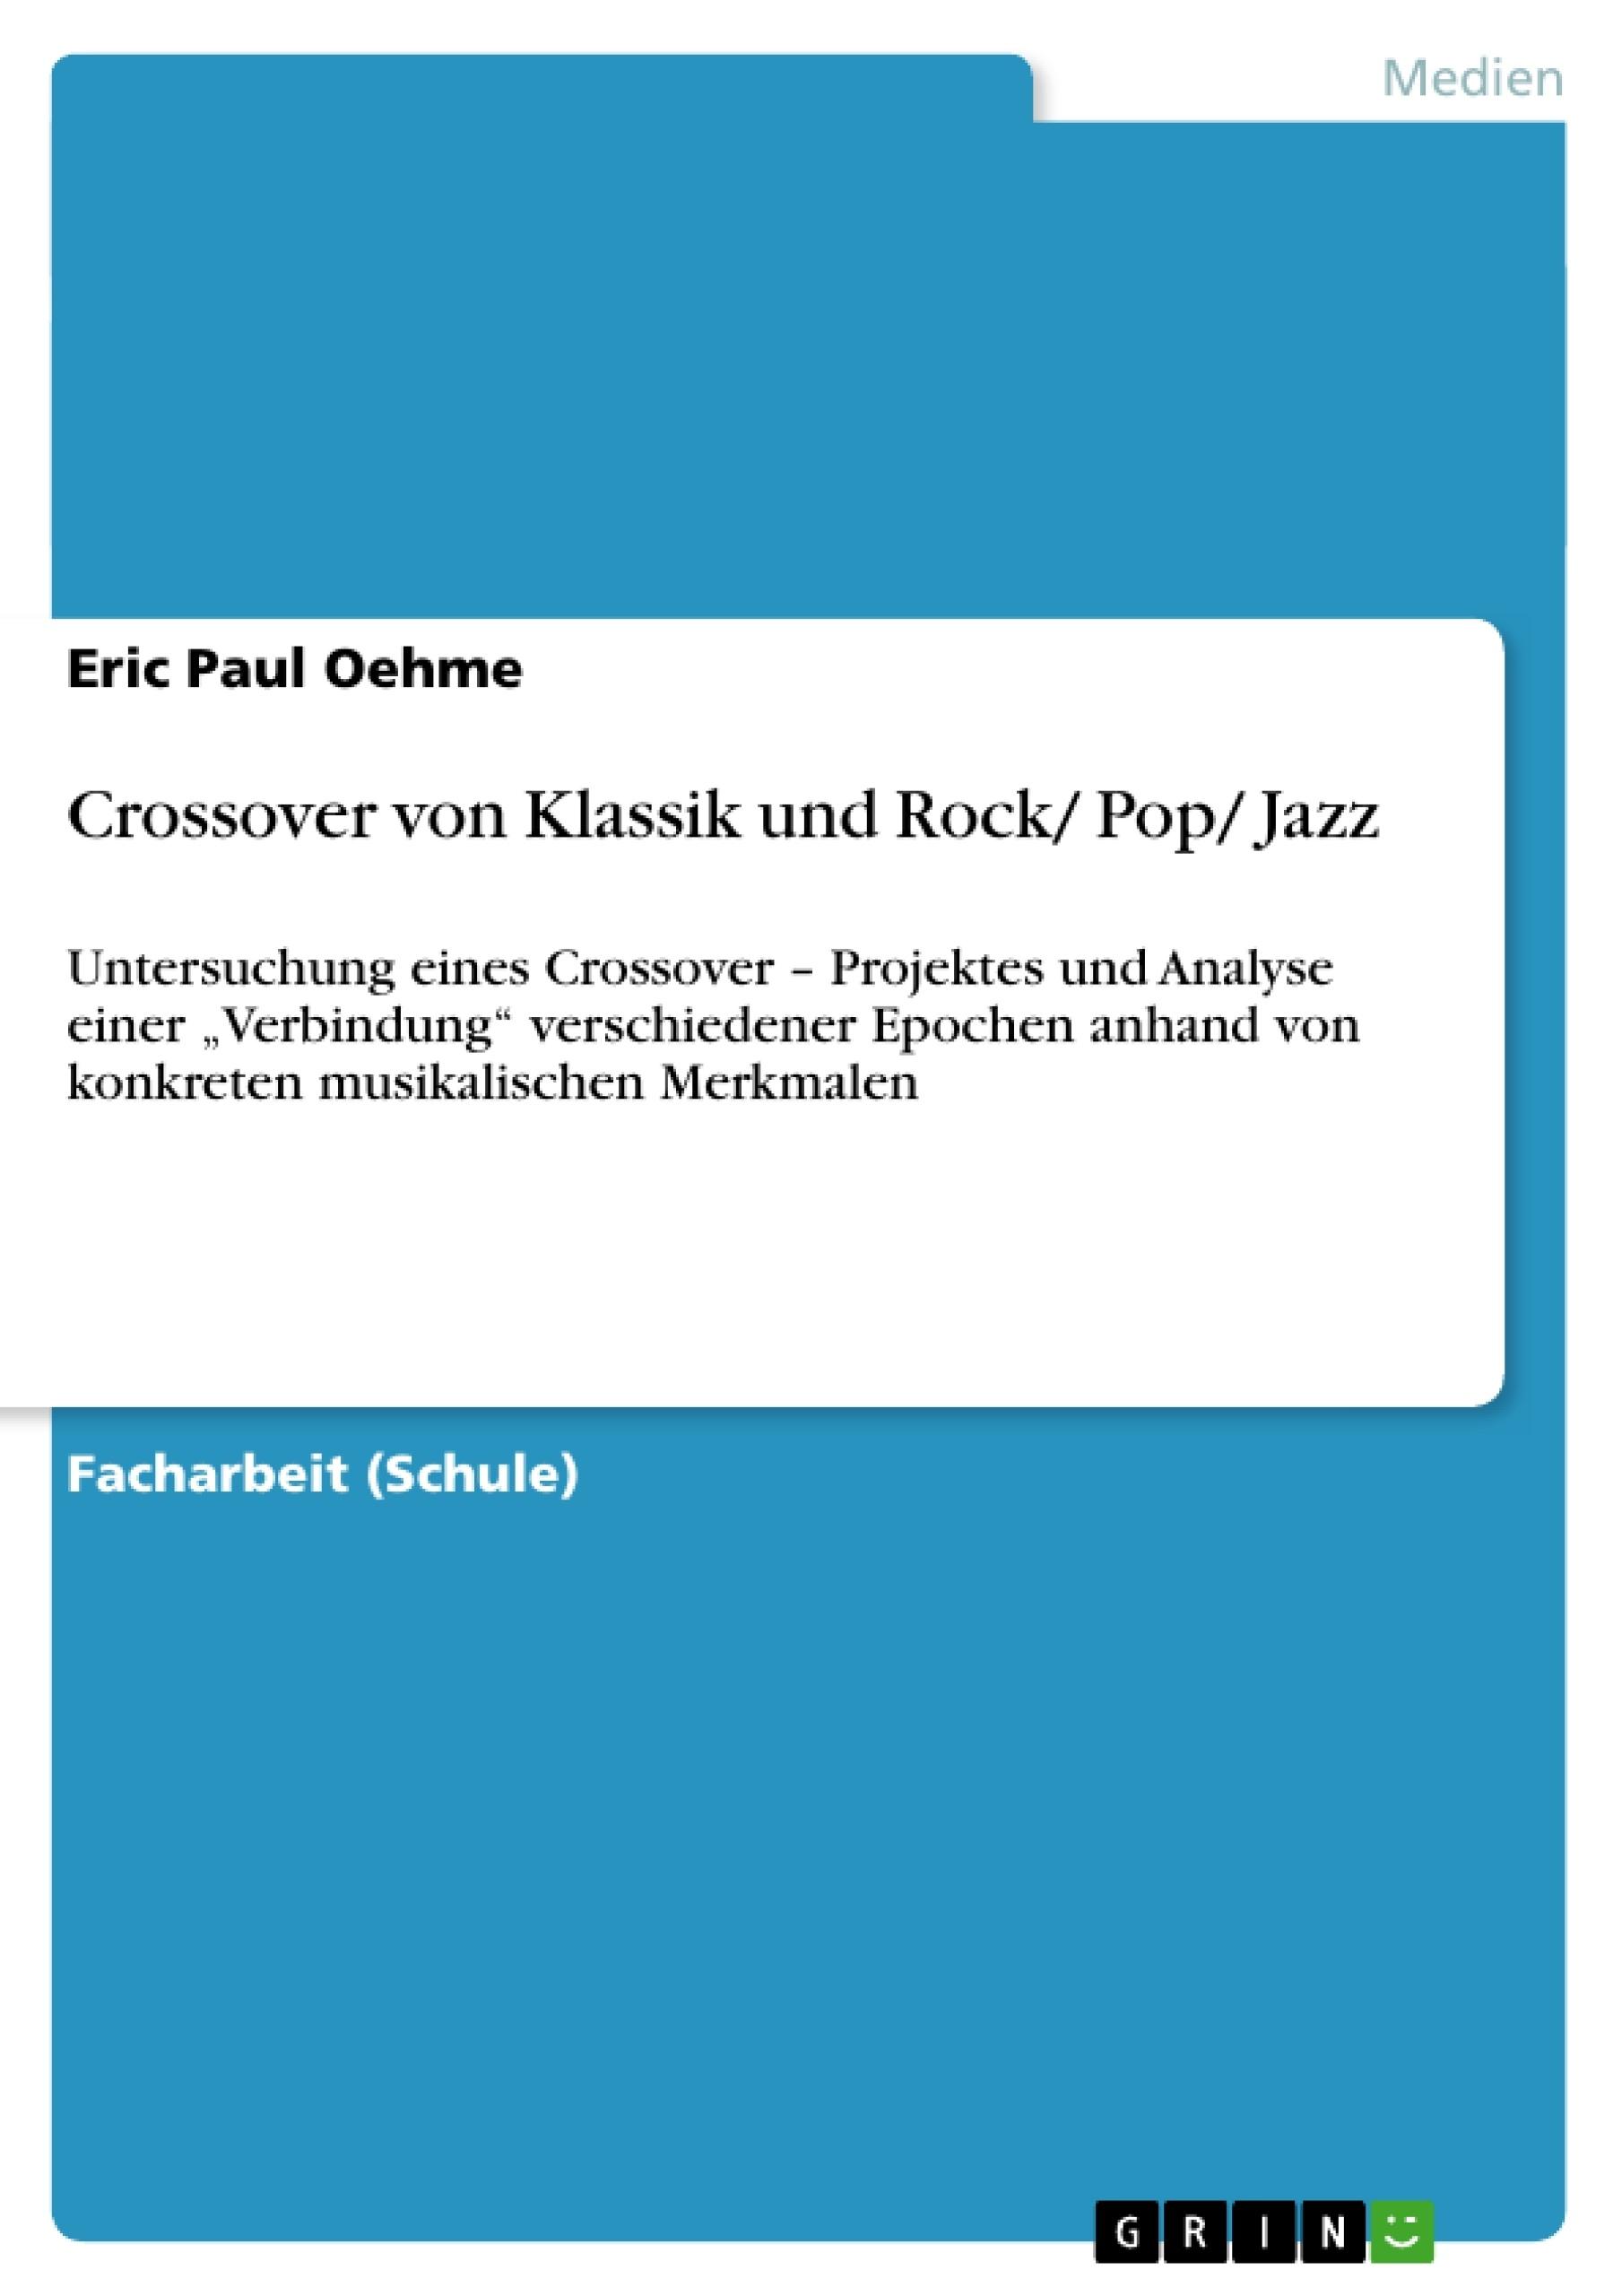 Titel: Crossover von Klassik und Rock/ Pop/ Jazz